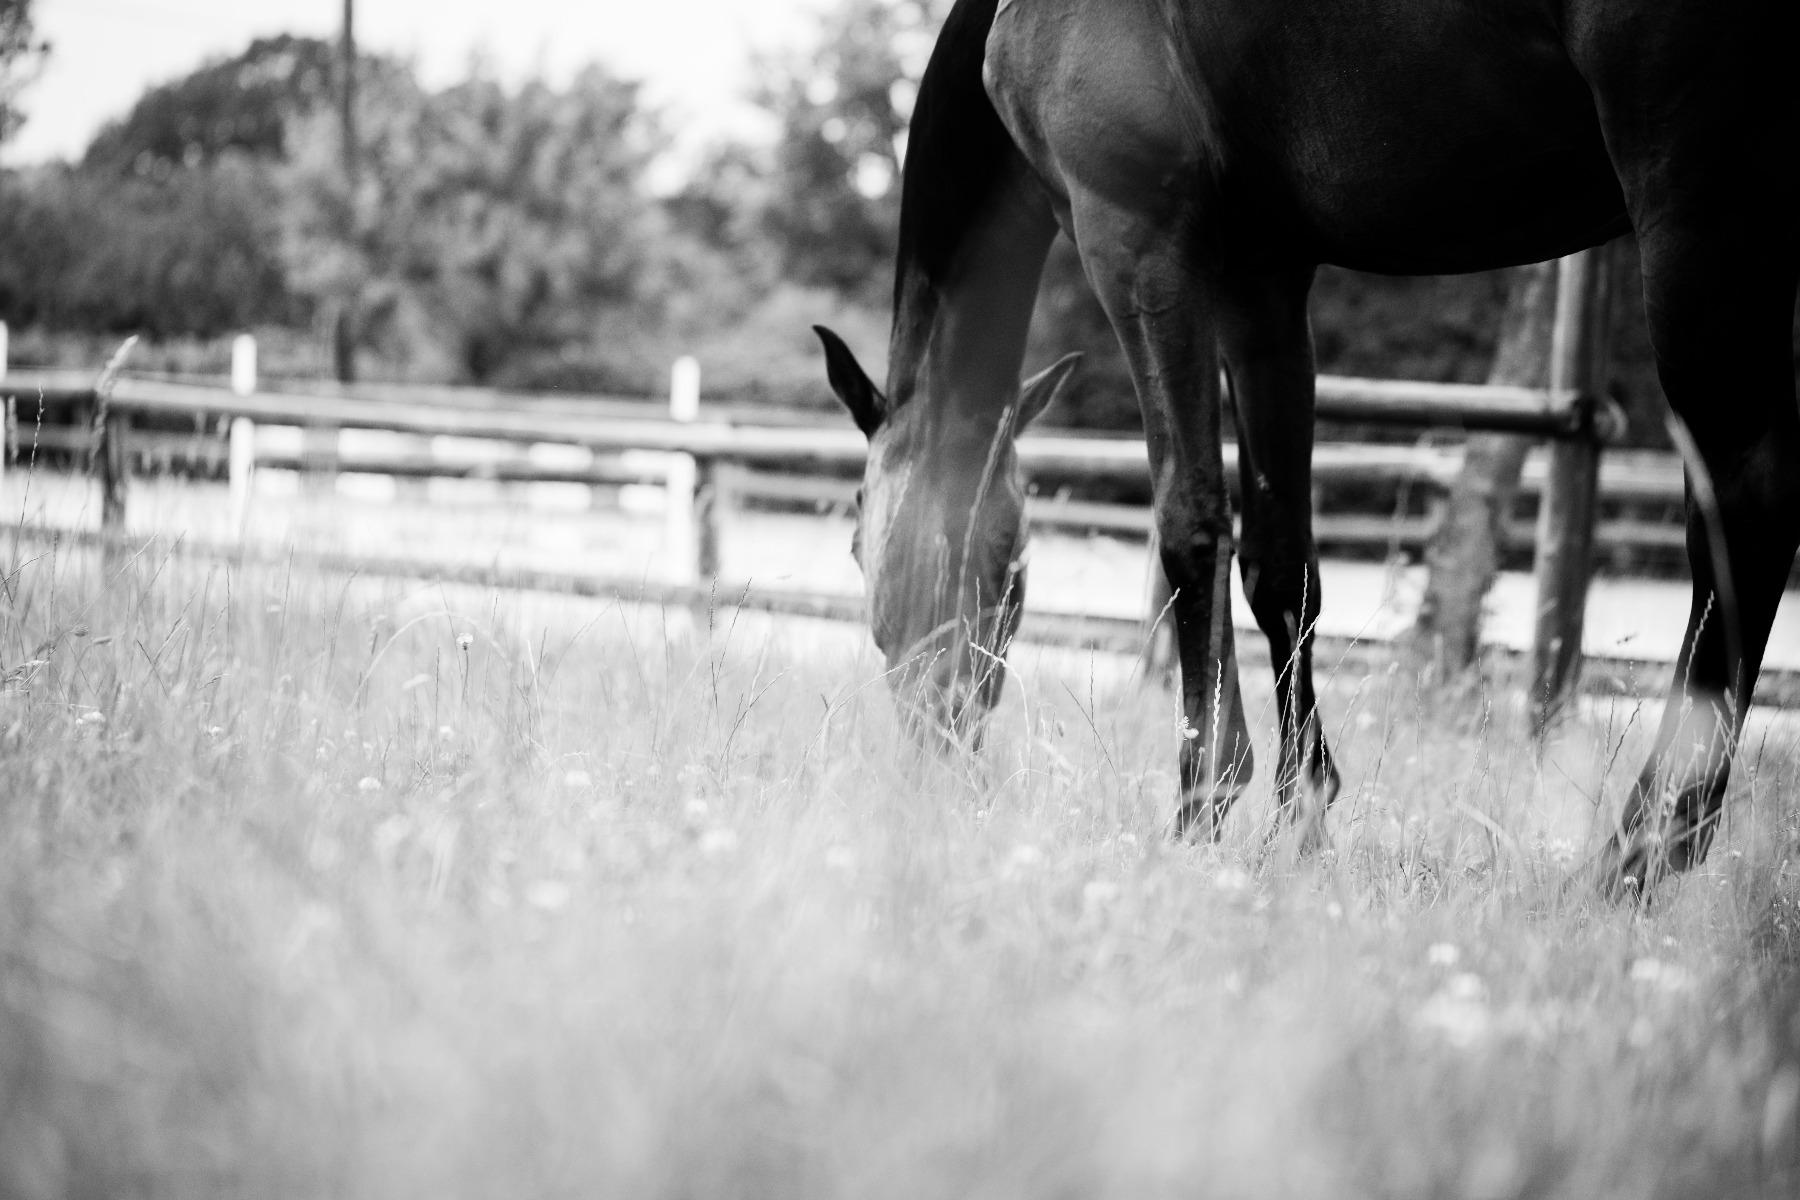 Stübben, Pferd, Reiter, reiten, Sattel, Magen